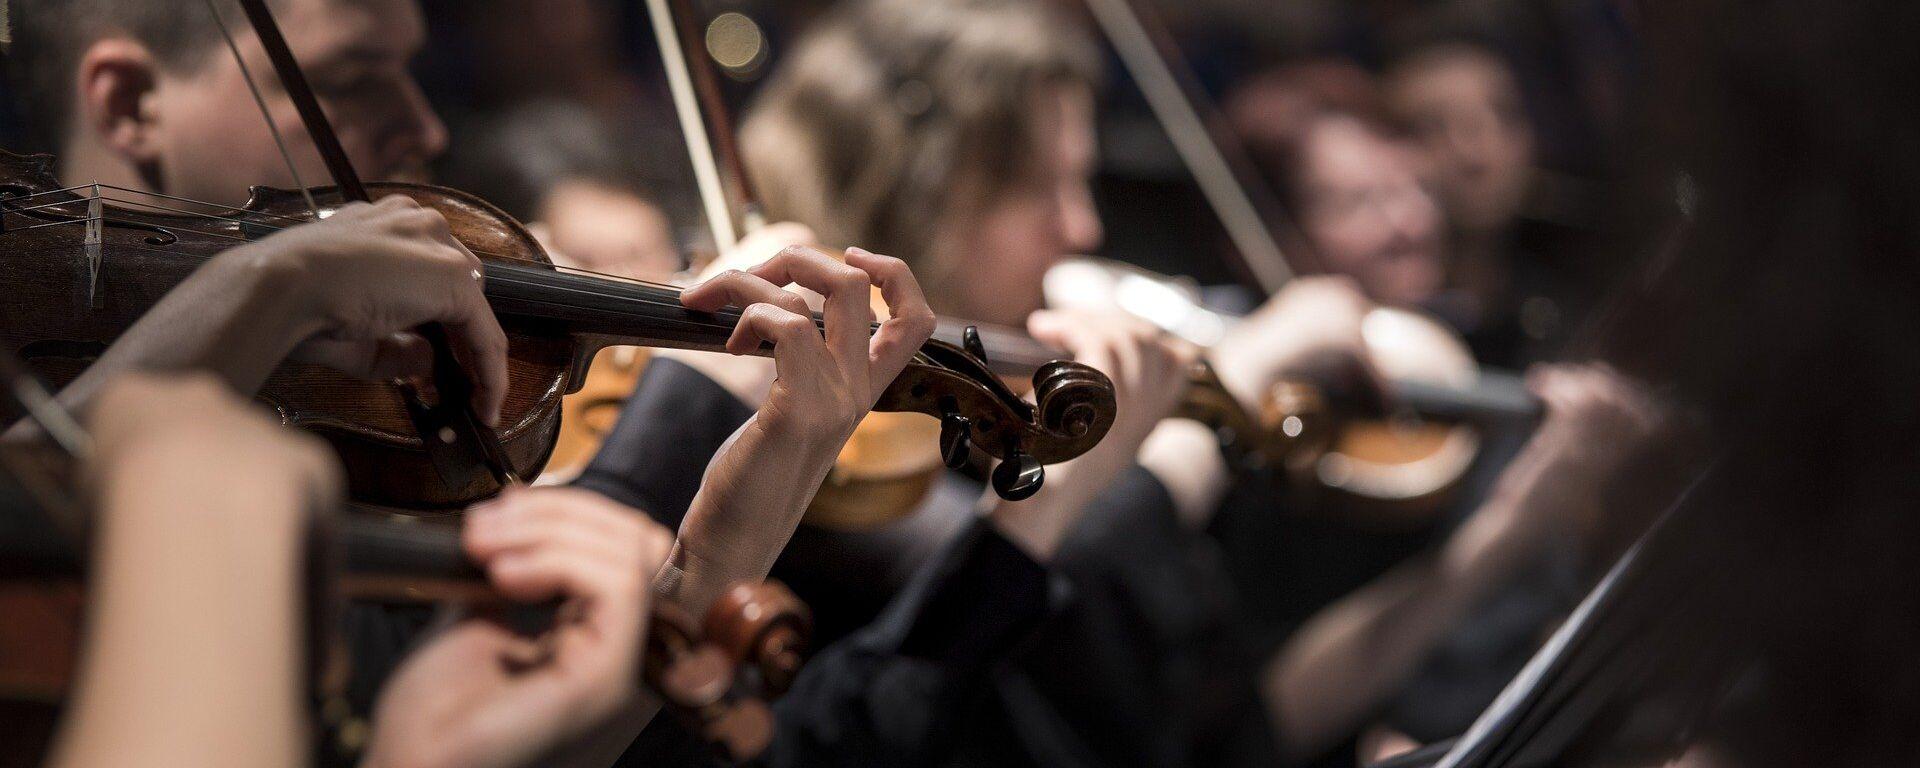 Una orquesta (imagen referencial) - Sputnik Mundo, 1920, 14.05.2021